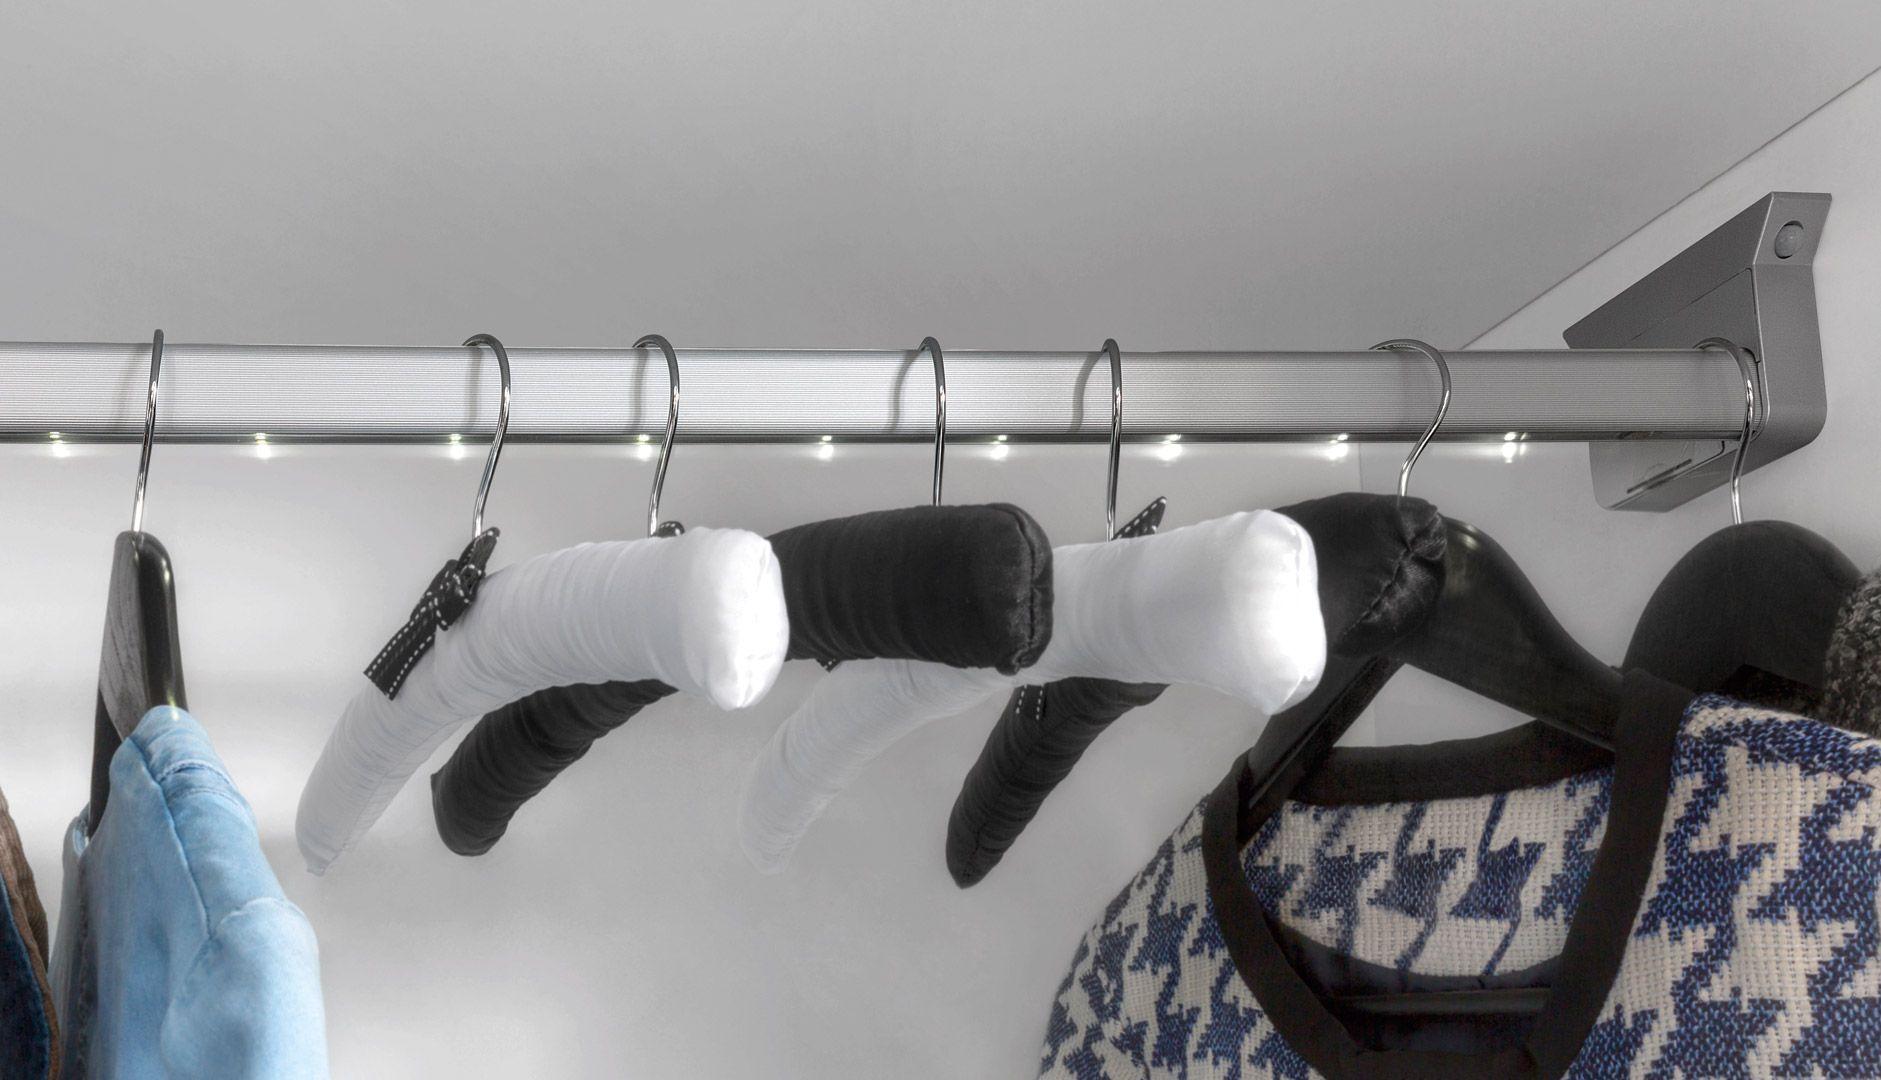 Dobór odpowiedniego wyposażenia pozwoli zachować większy porządek i z łatwością znaleźć każdą rzecz, a rozmiar szafy, który można samodzielnie wybrać, będzie ogromnym ułatwieniem dla tych którzy poszukują szafy do mniejszego, jak i większego wnętrza. Fot. BRW